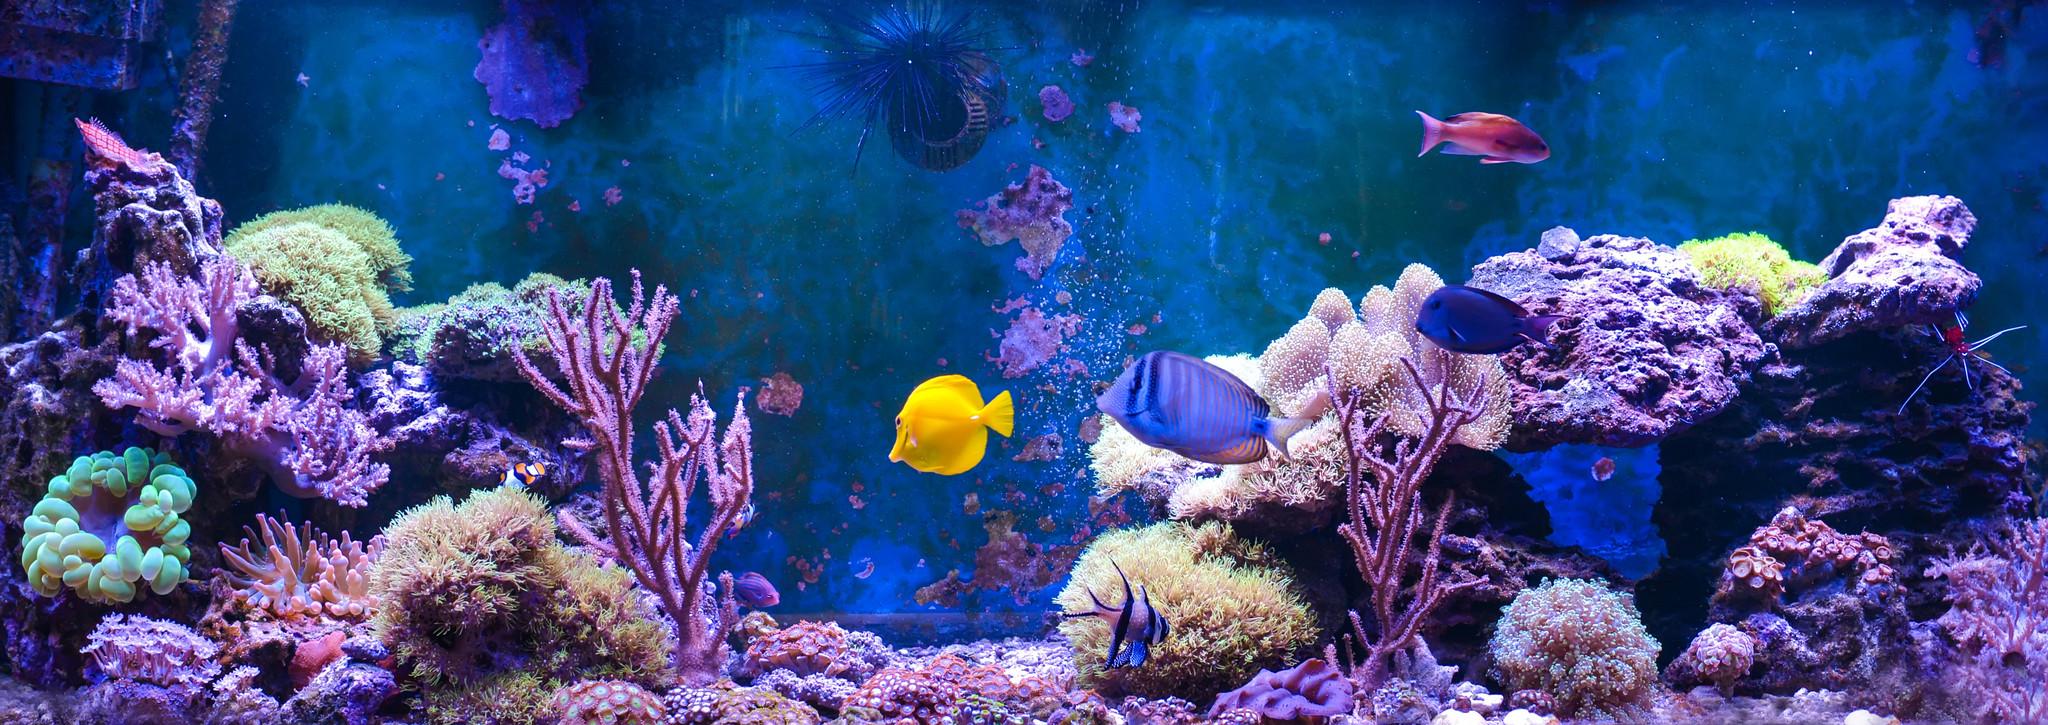 LED Lighting for your Aquarium